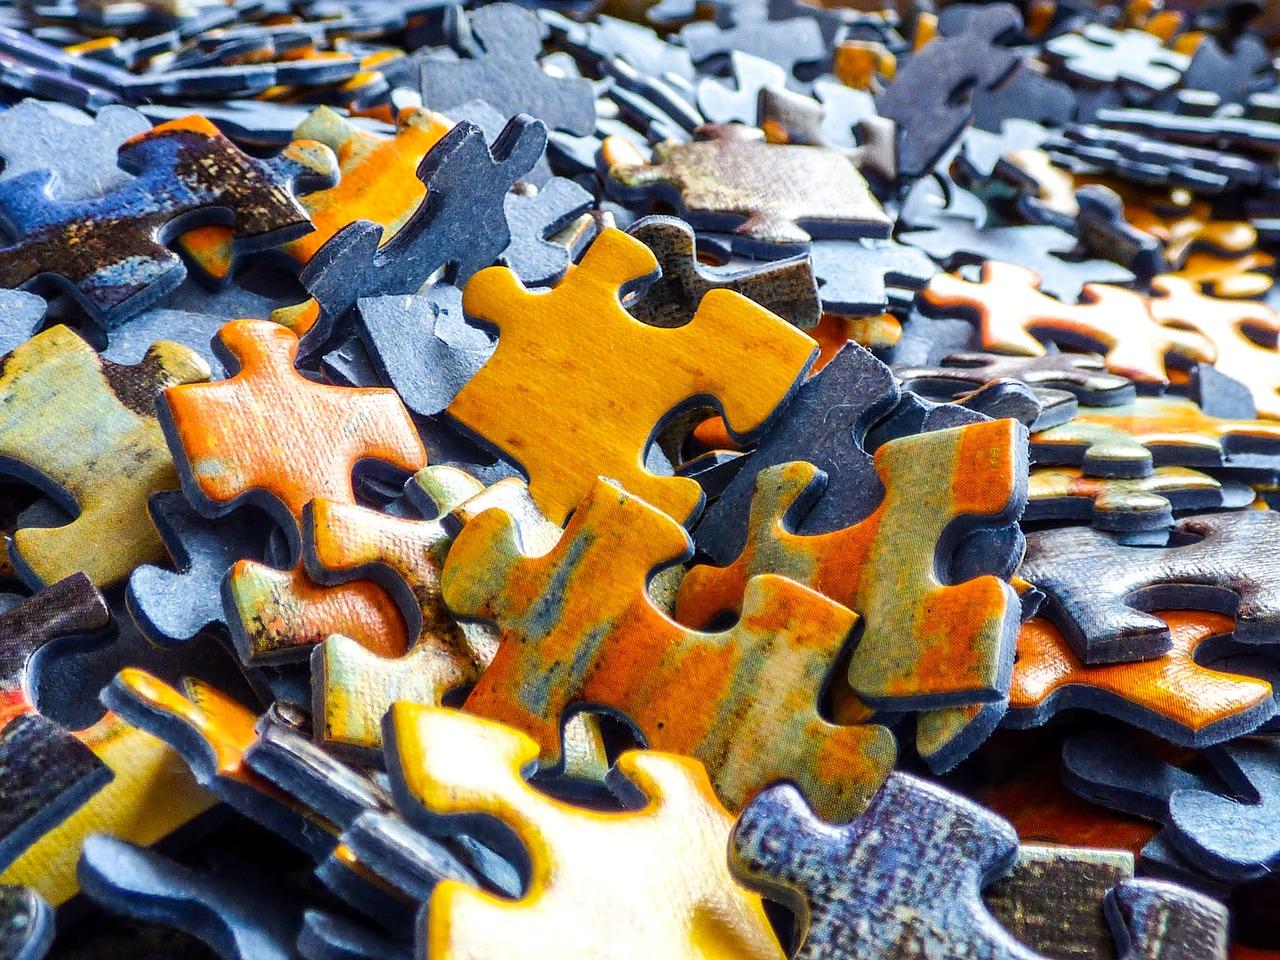 Großaufnahme vieler Puzzleteile, die ungeordnet auf einem Haufen liegen